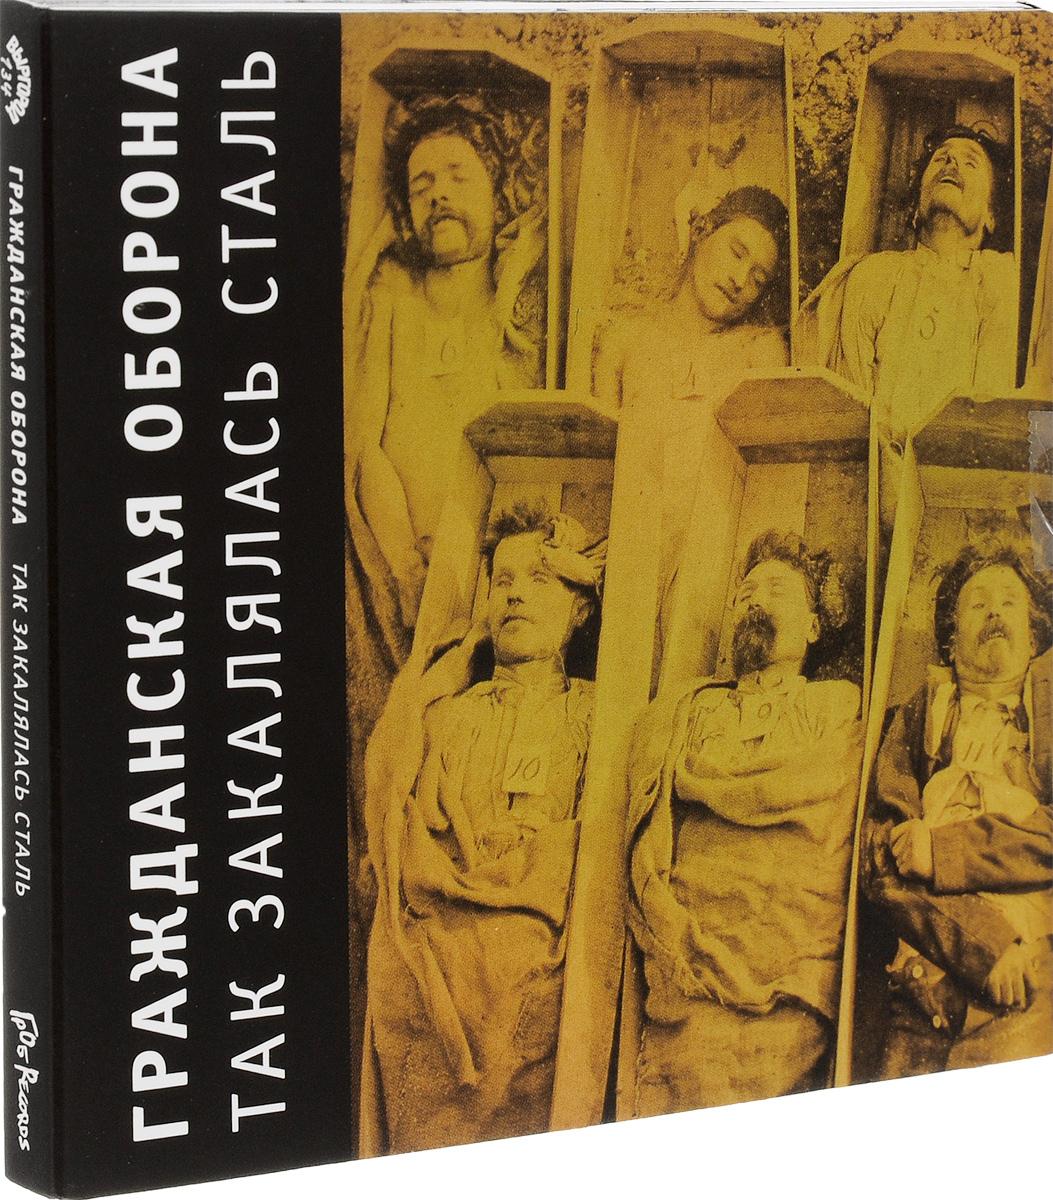 К изданию прилагается 20-страничный буклет с черно-белыми фотографиями и текстами песен на русском языке. Внимание! Ненормативная лексика!